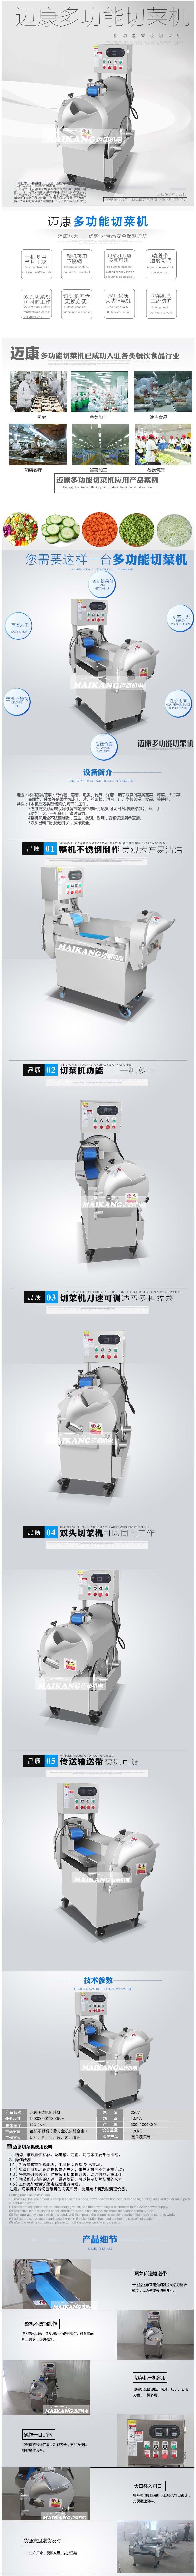 801多功能切菜机